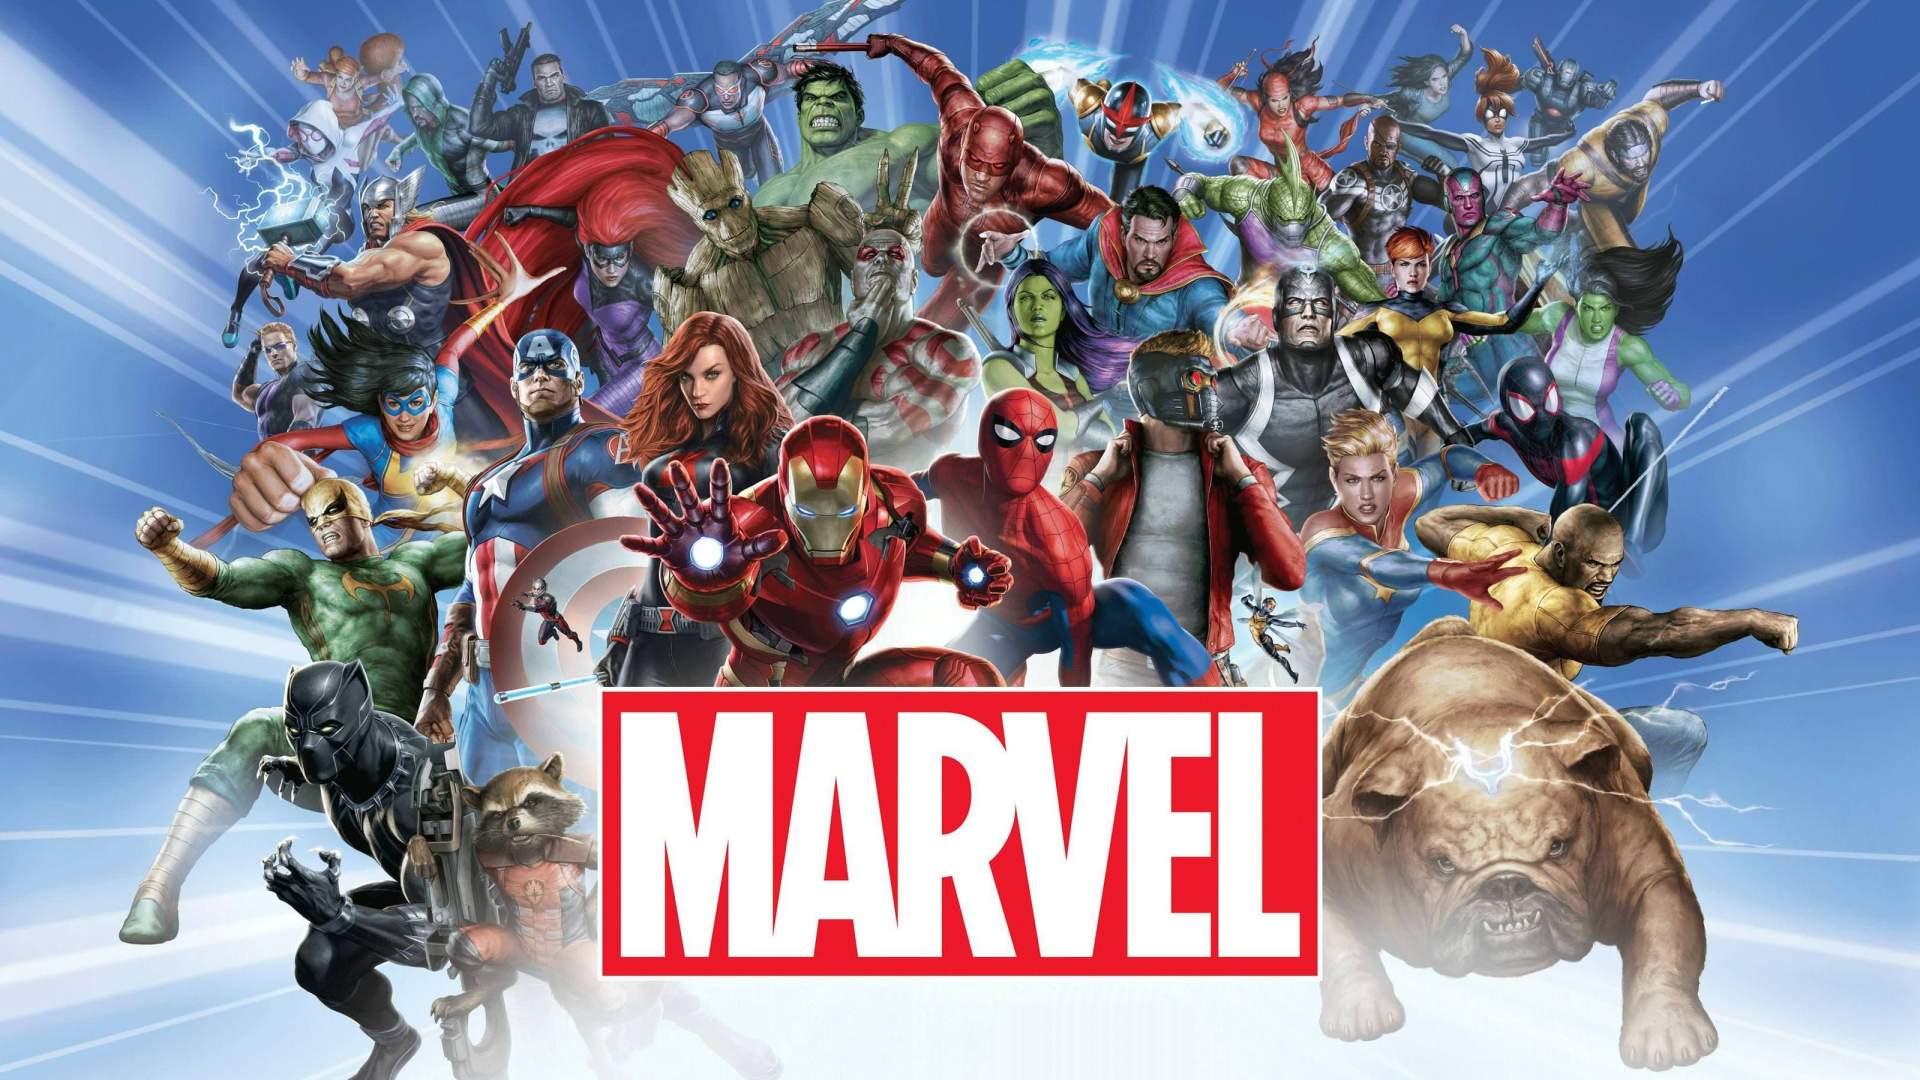 """""""Marvel"""": Die Kinostarts aller MCU-Filme wurden gerade verschoben."""